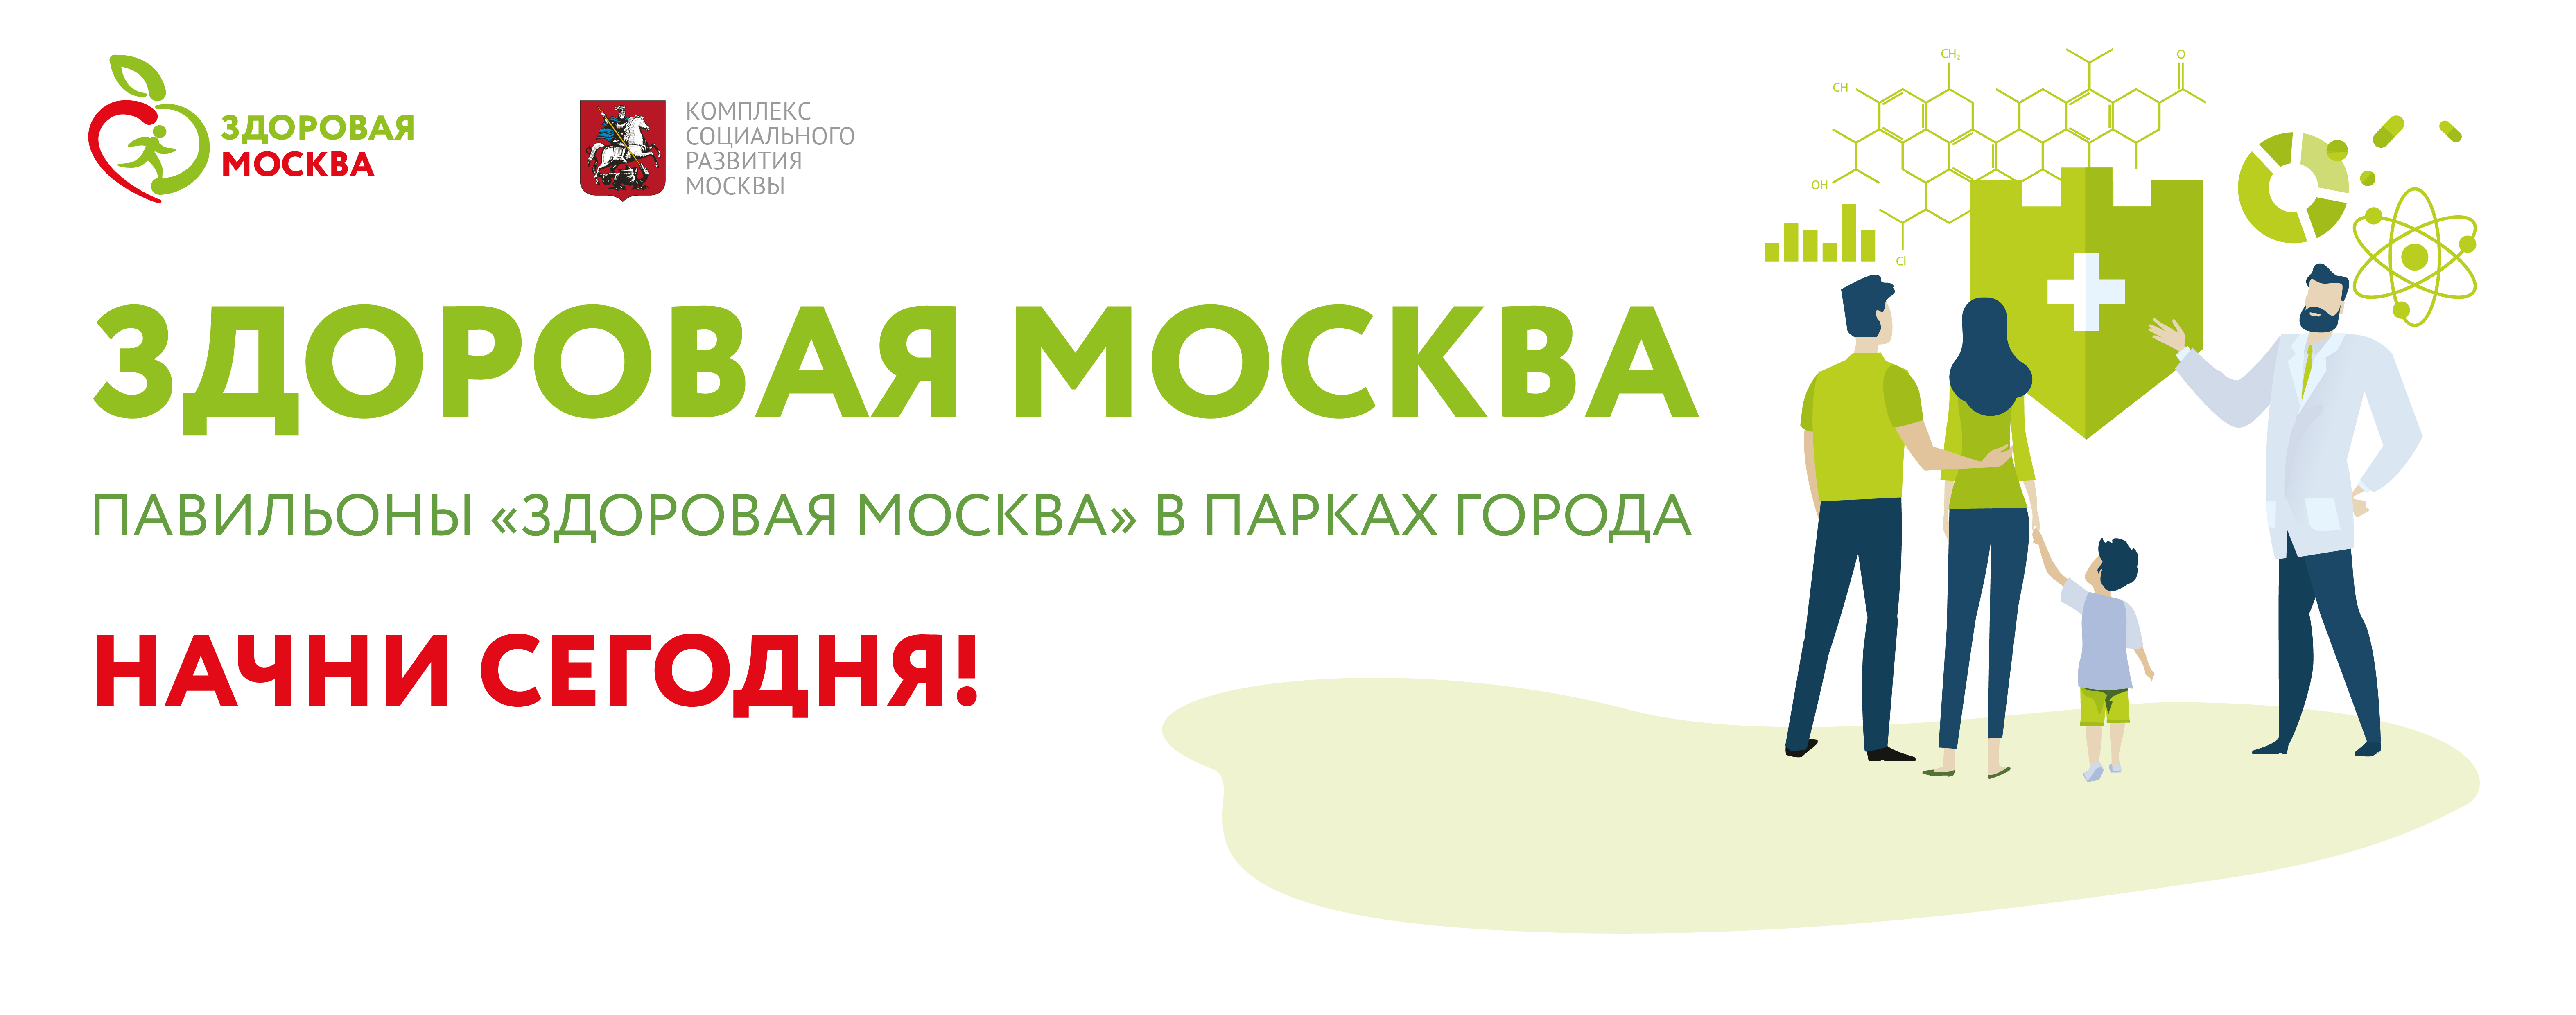 Здоровая Москва